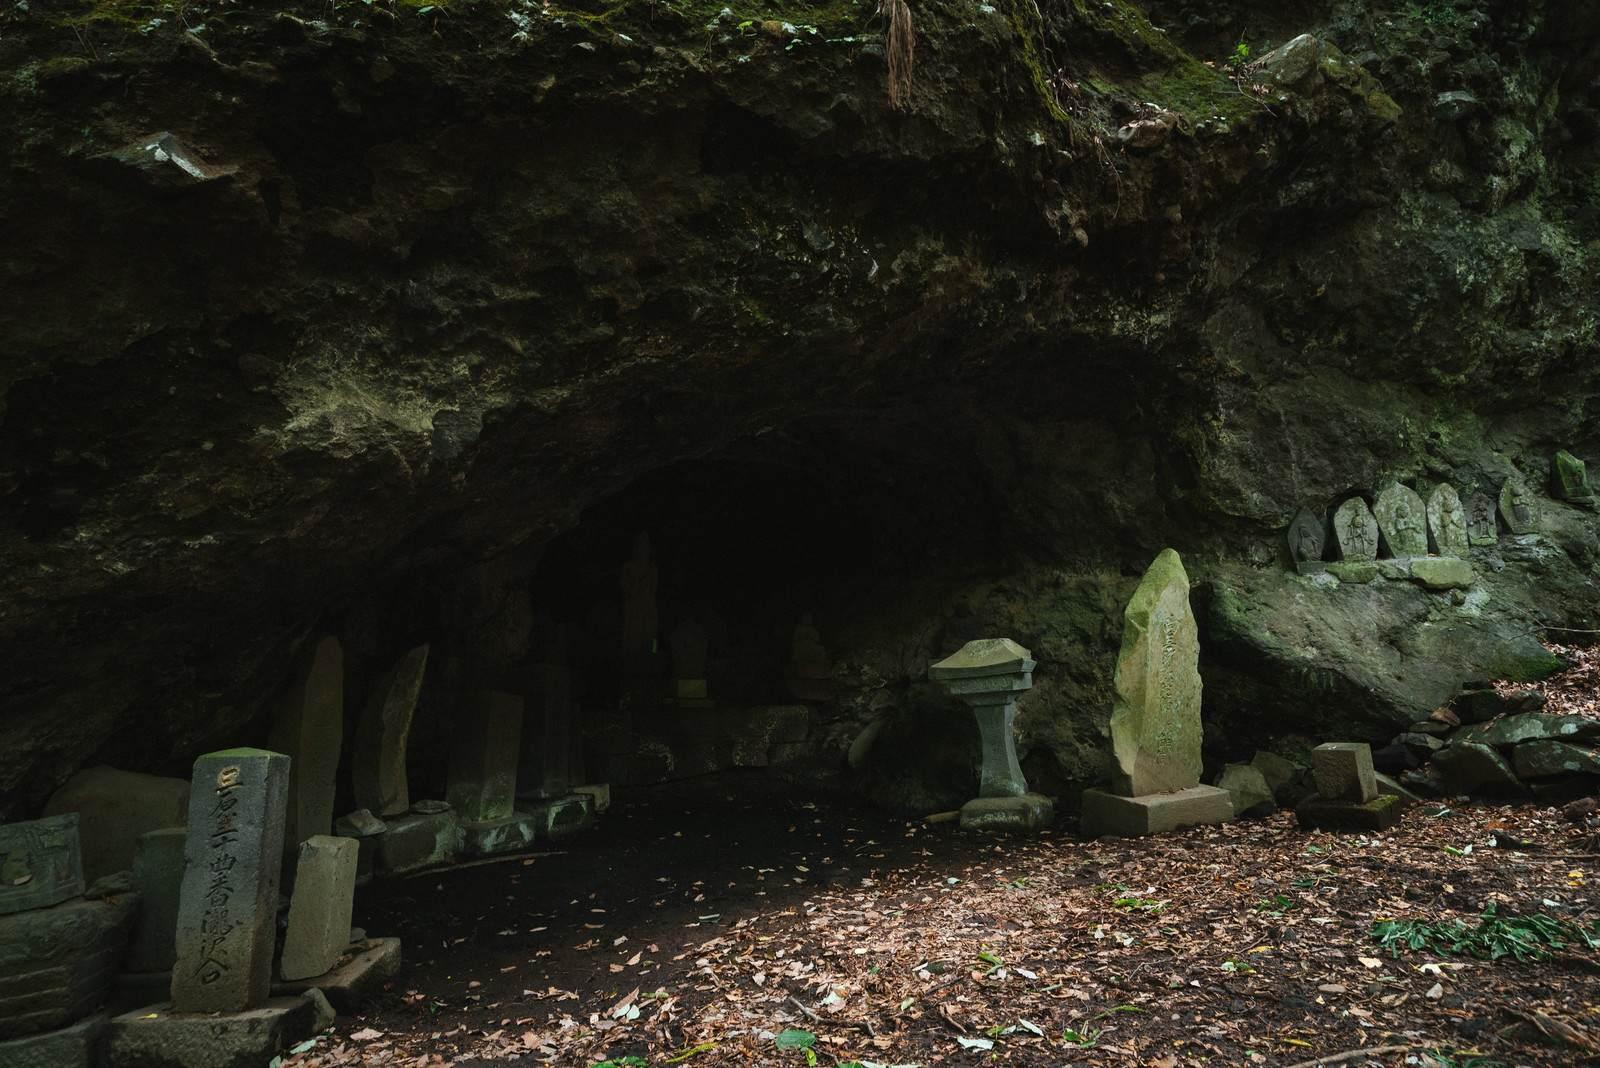 時空にまつわる不思議な体験『洞穴』など短編全5話